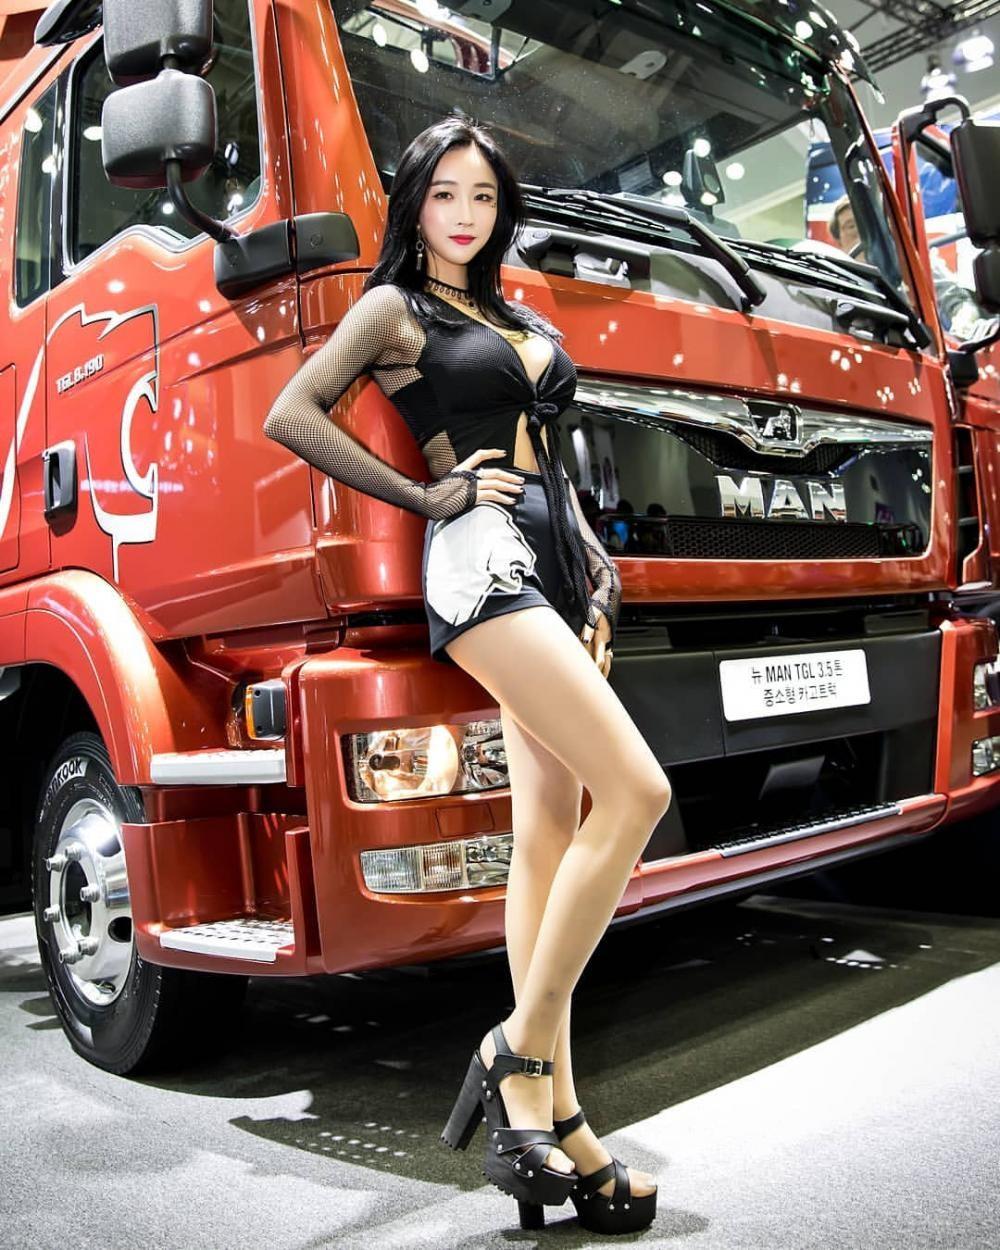 Ngất ngây với người mẫu Hàn Quốc đẹp như tiên tại triển lãm ô tô Busan 2018 - 20